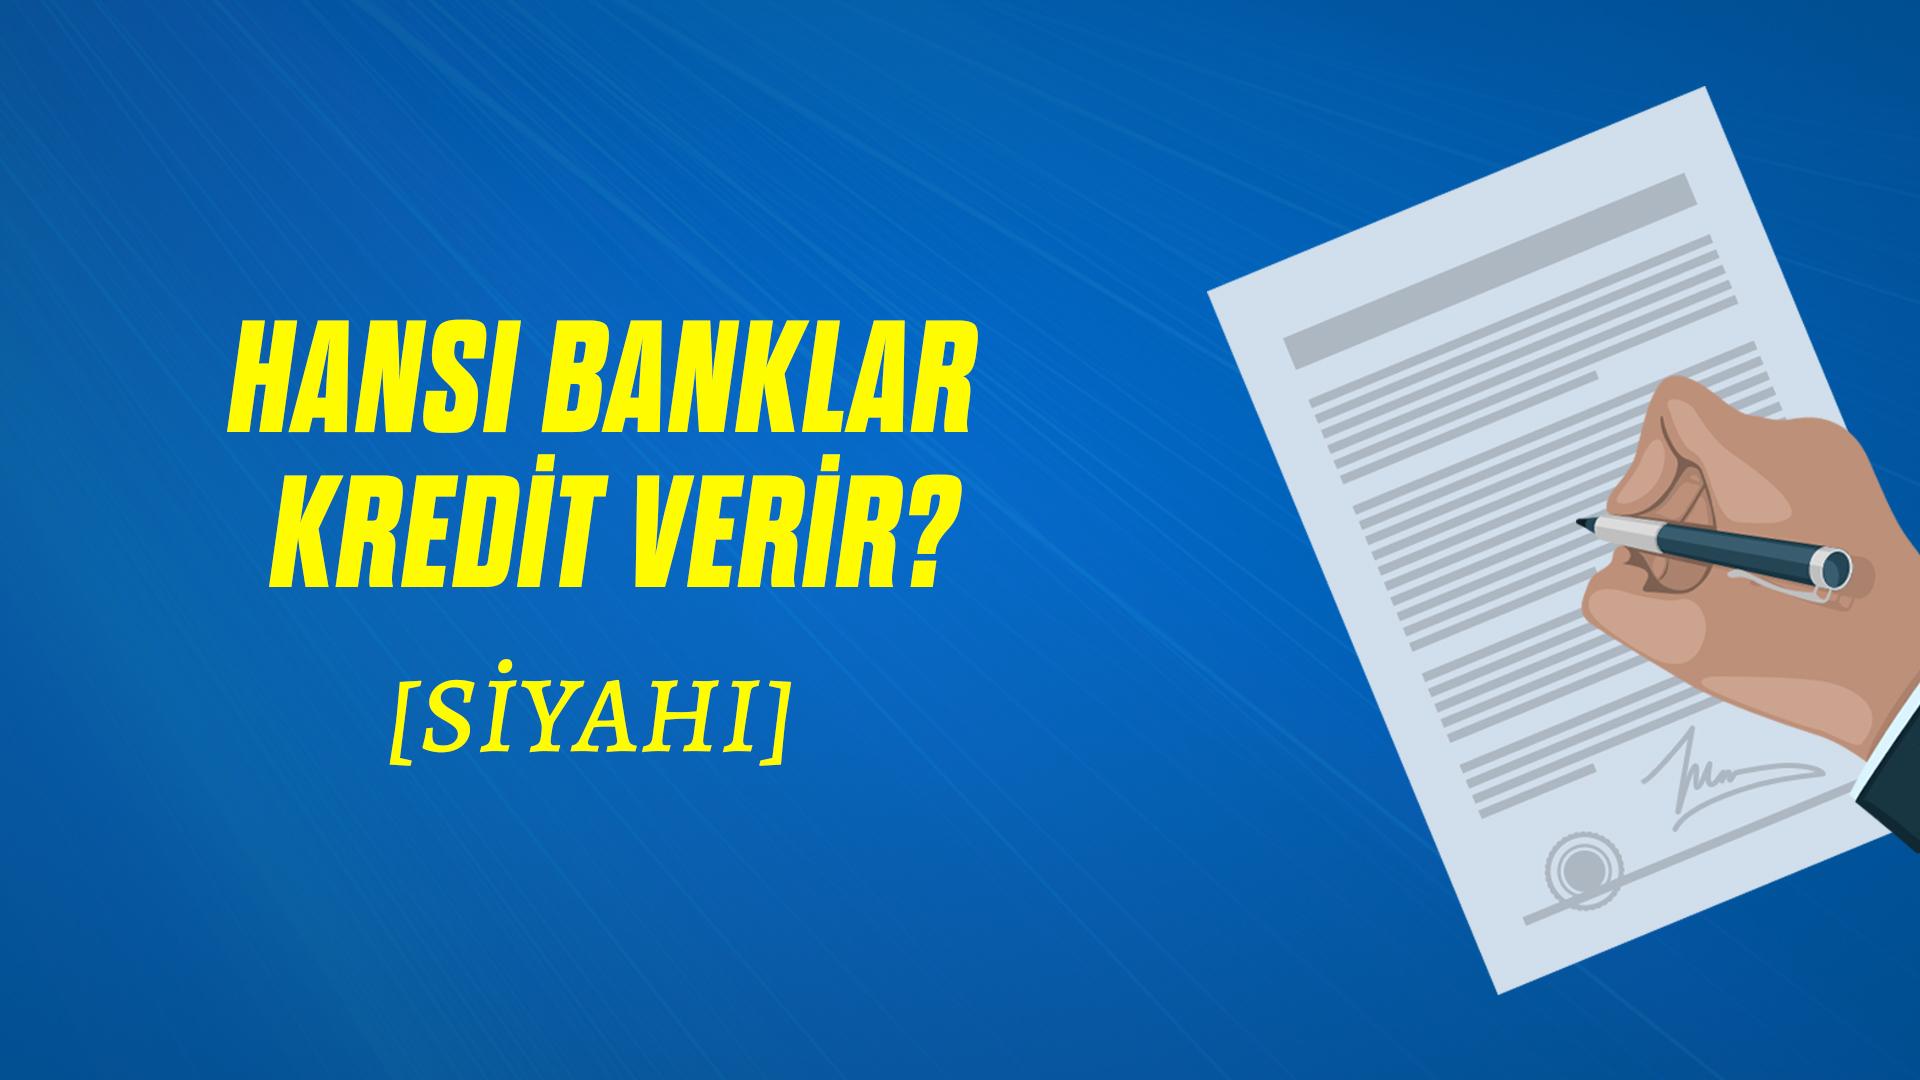 Hansı banklar kredit verir? - SİYAHI